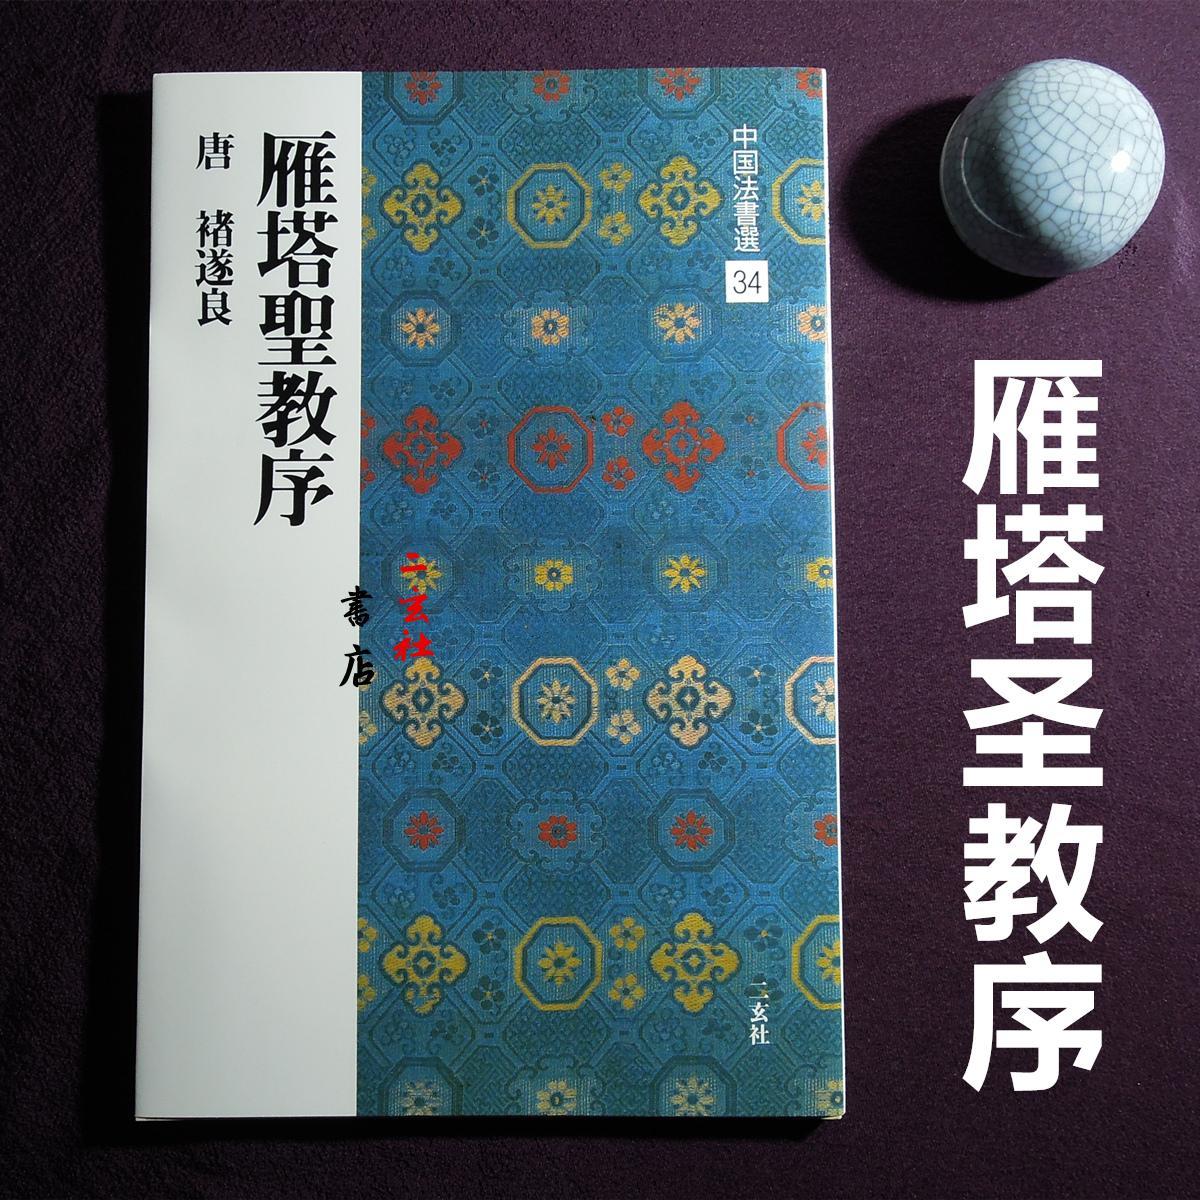 Два таинственный общество китай франция книга выбранный 34 褚 遂 хорошо дикий гусь башня святой учить последовательность восток богатые курамото